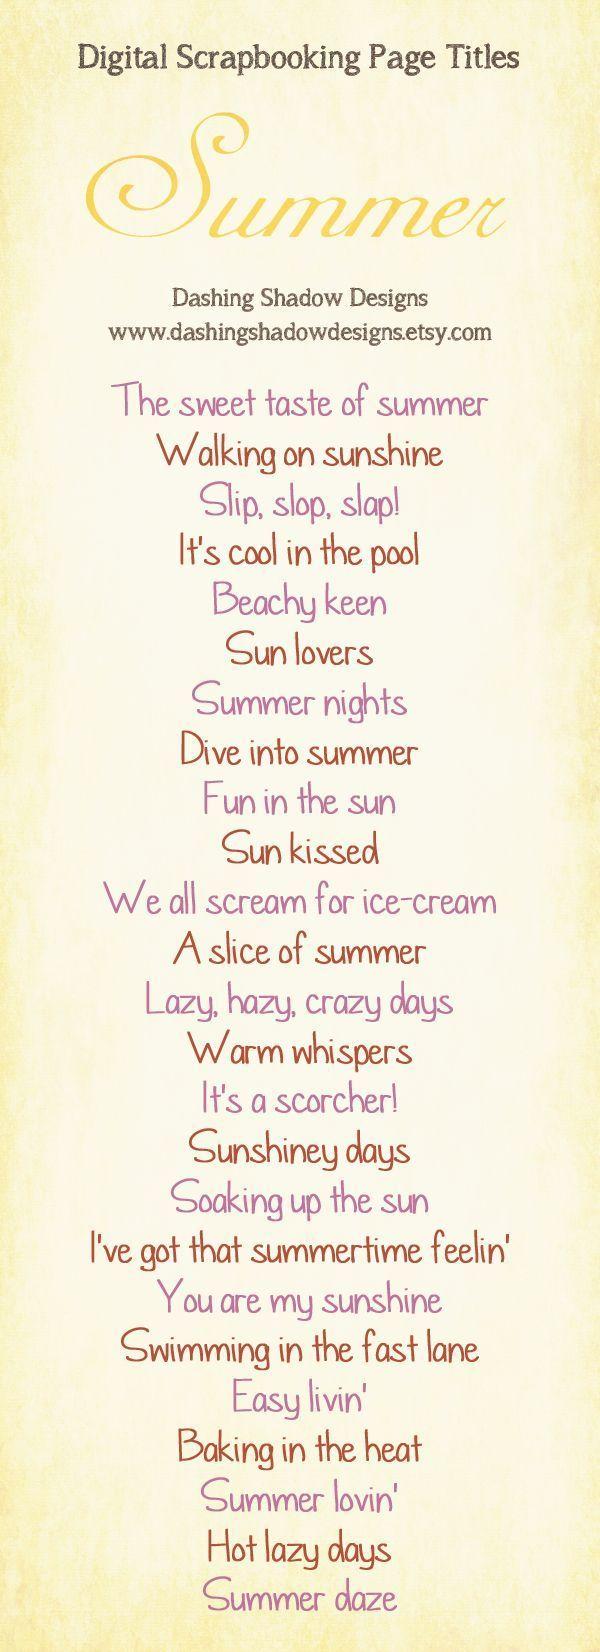 Summer scrapbook layout titles. #CreativeMemories